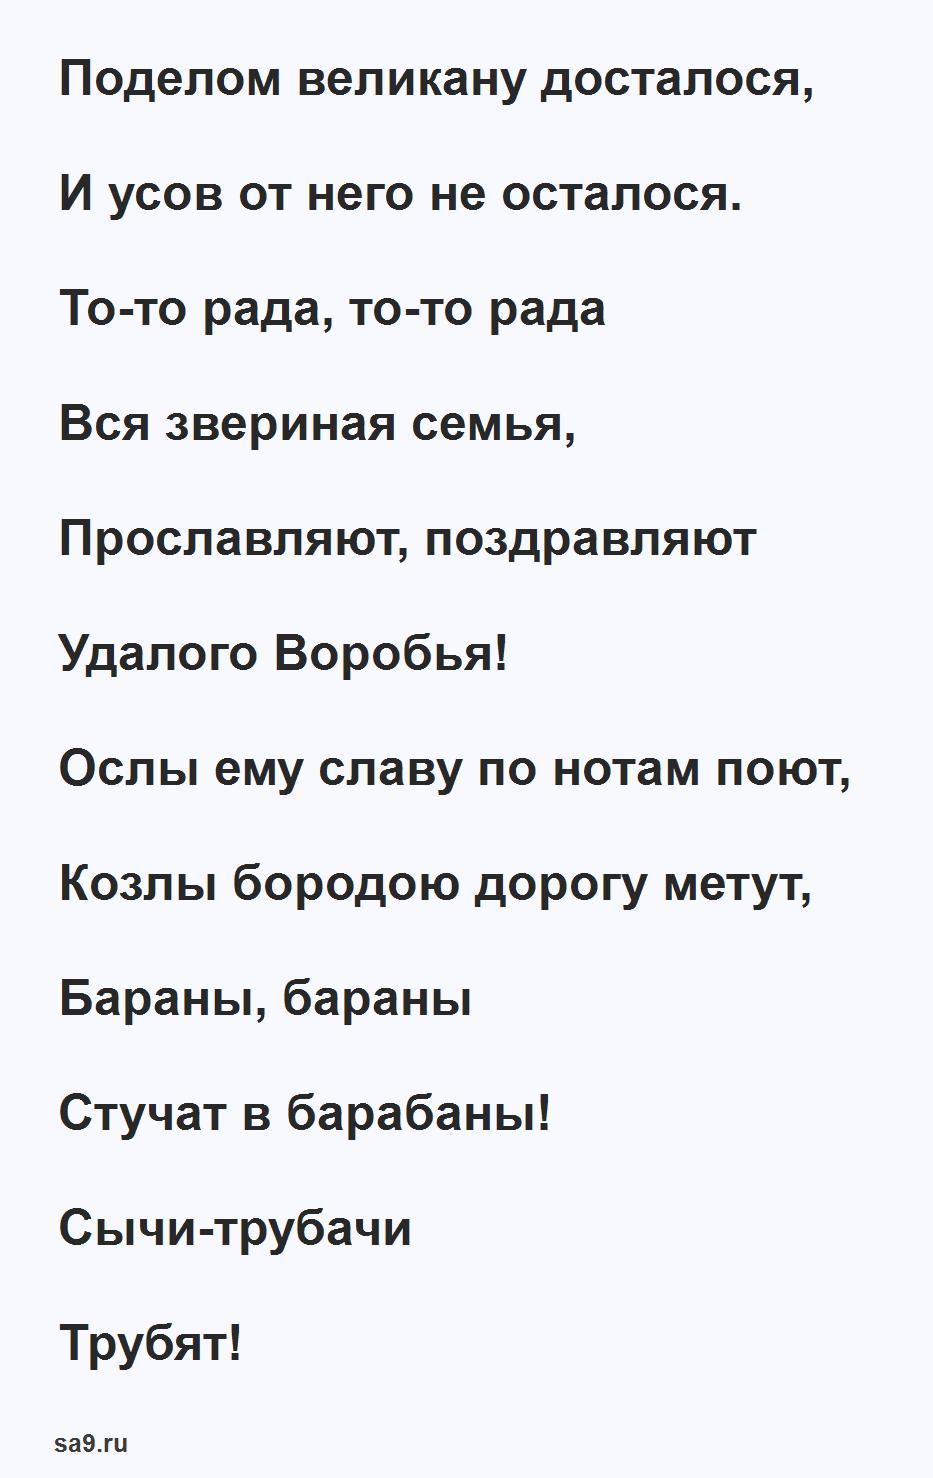 Сказка Чуковского 'Тараканище'